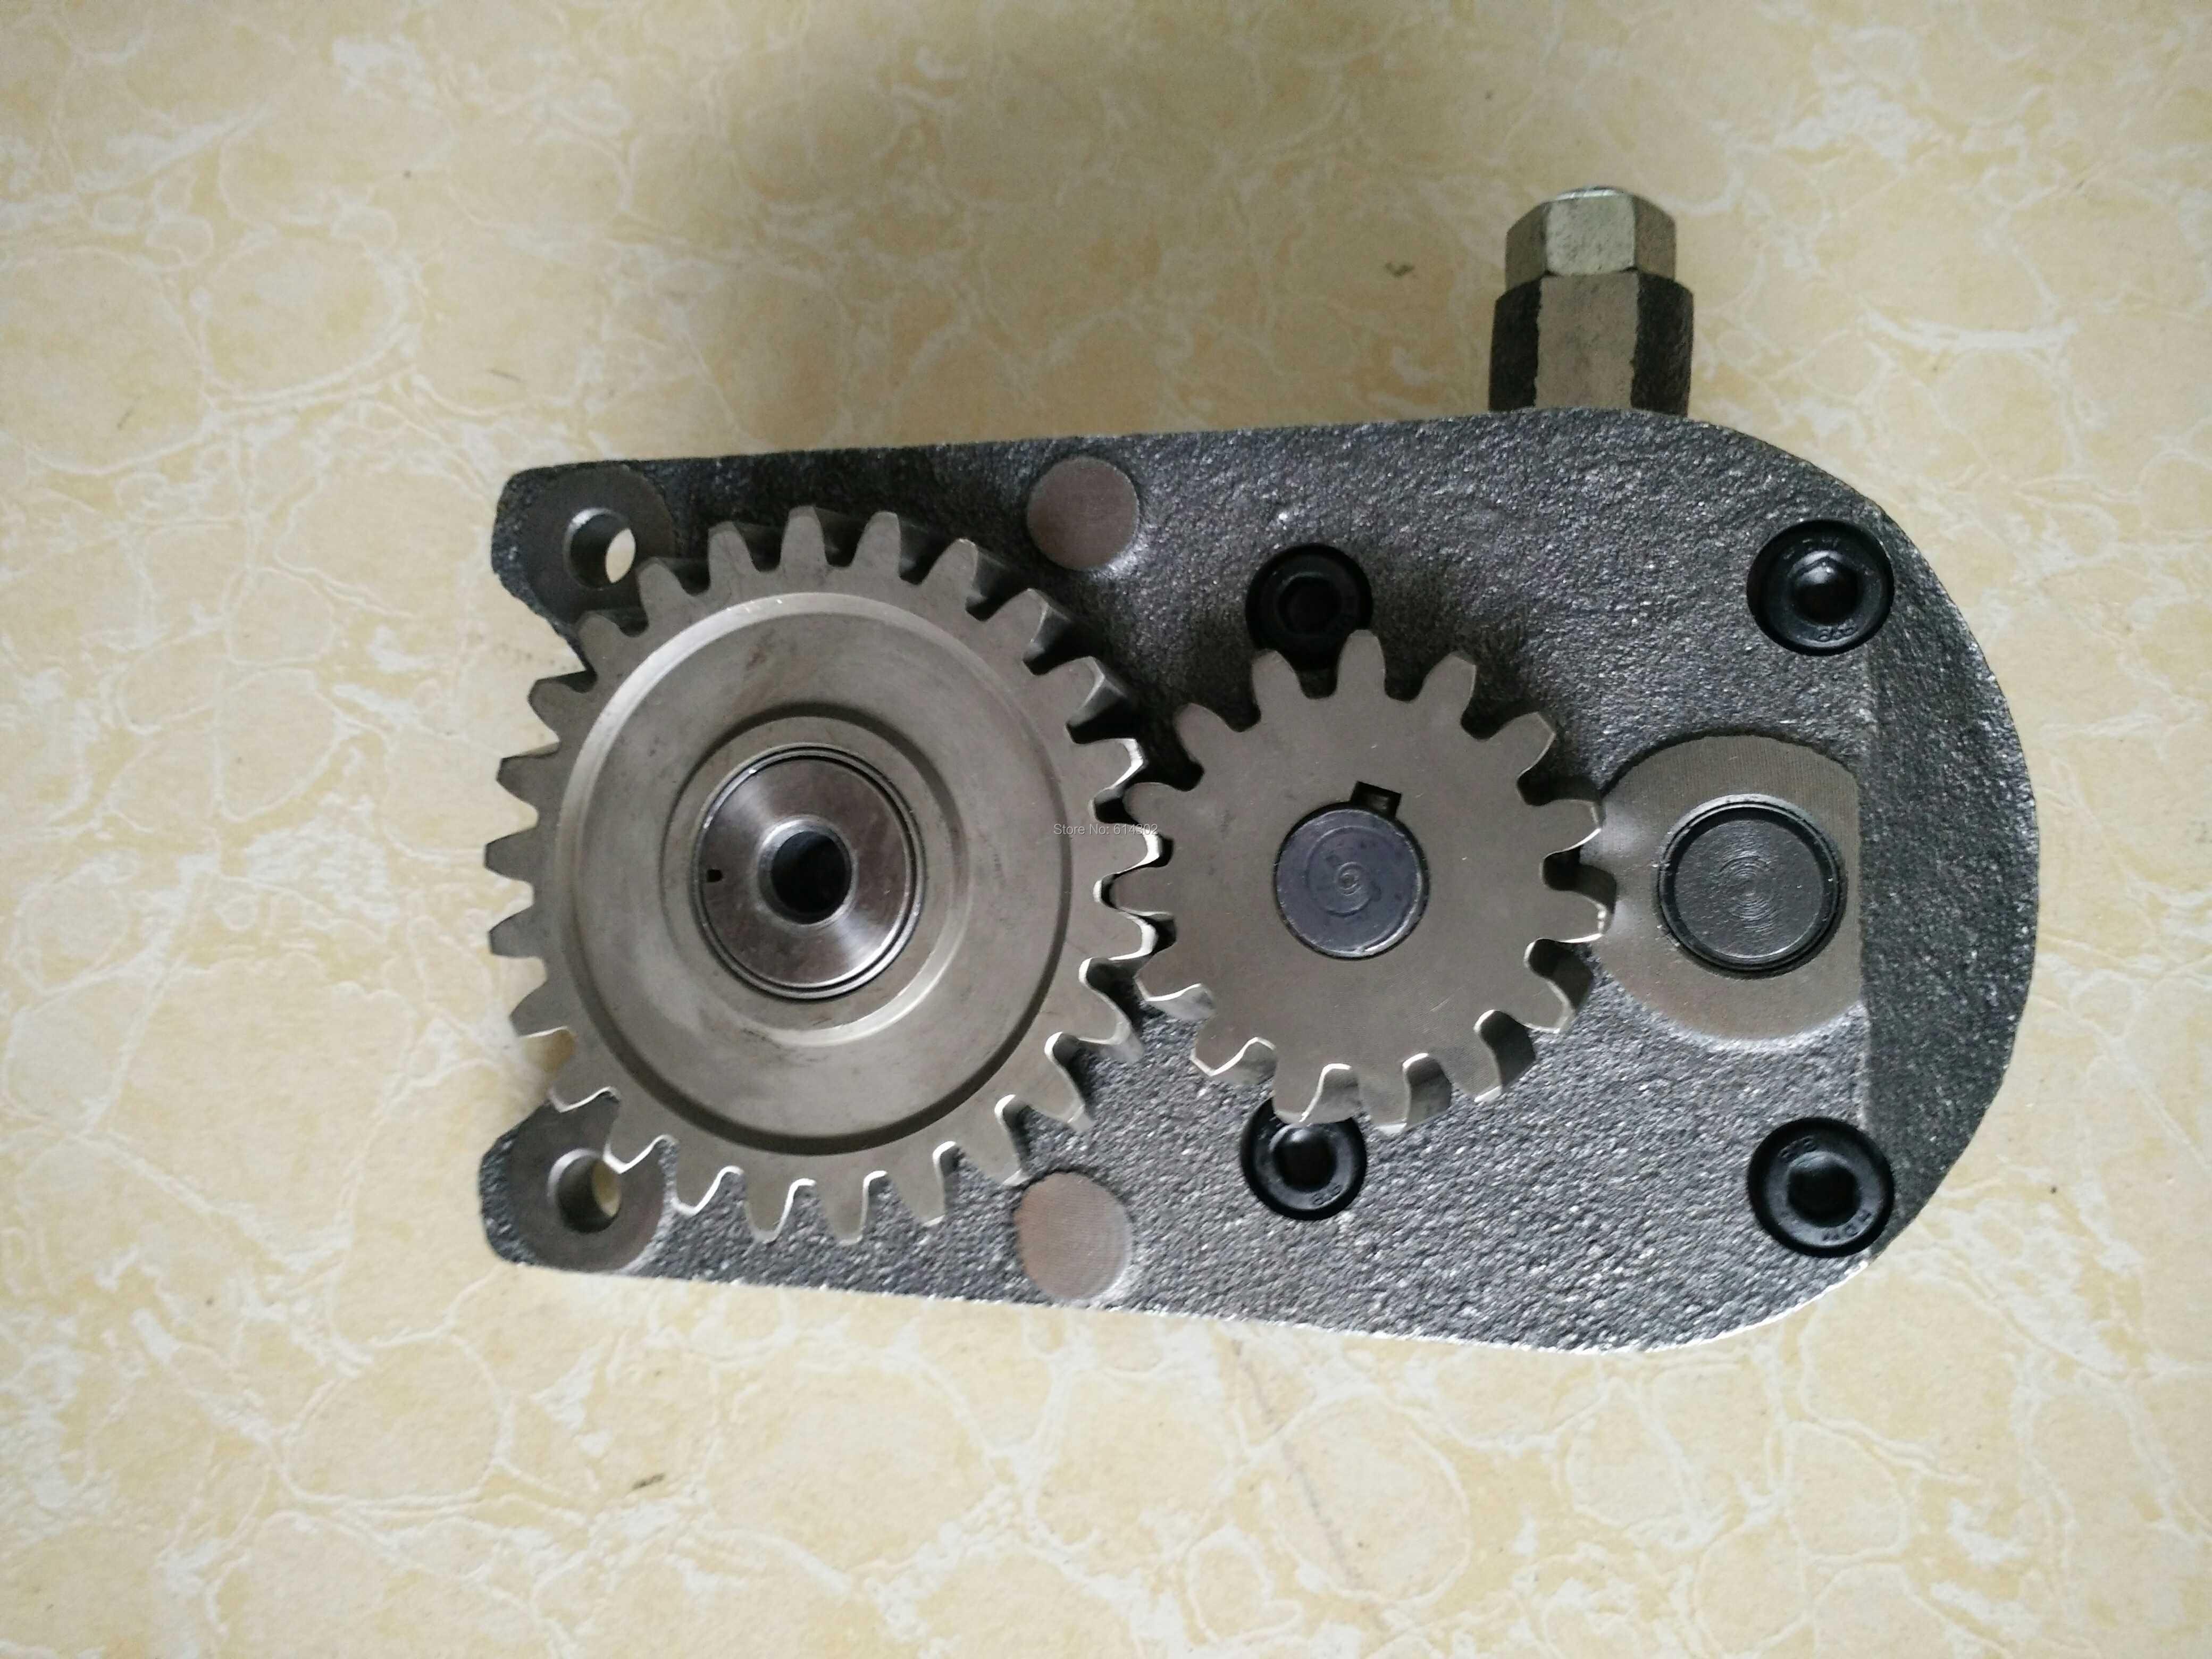 Масляный насос для weifang ZH/K495D/ZD/P/C ZH4100D/ZD K4100D/ZD/P/C серии дизельных двигателей Запчасти/24 кВт 30 кВт 40 кВт Запчасти для дизель-генератора